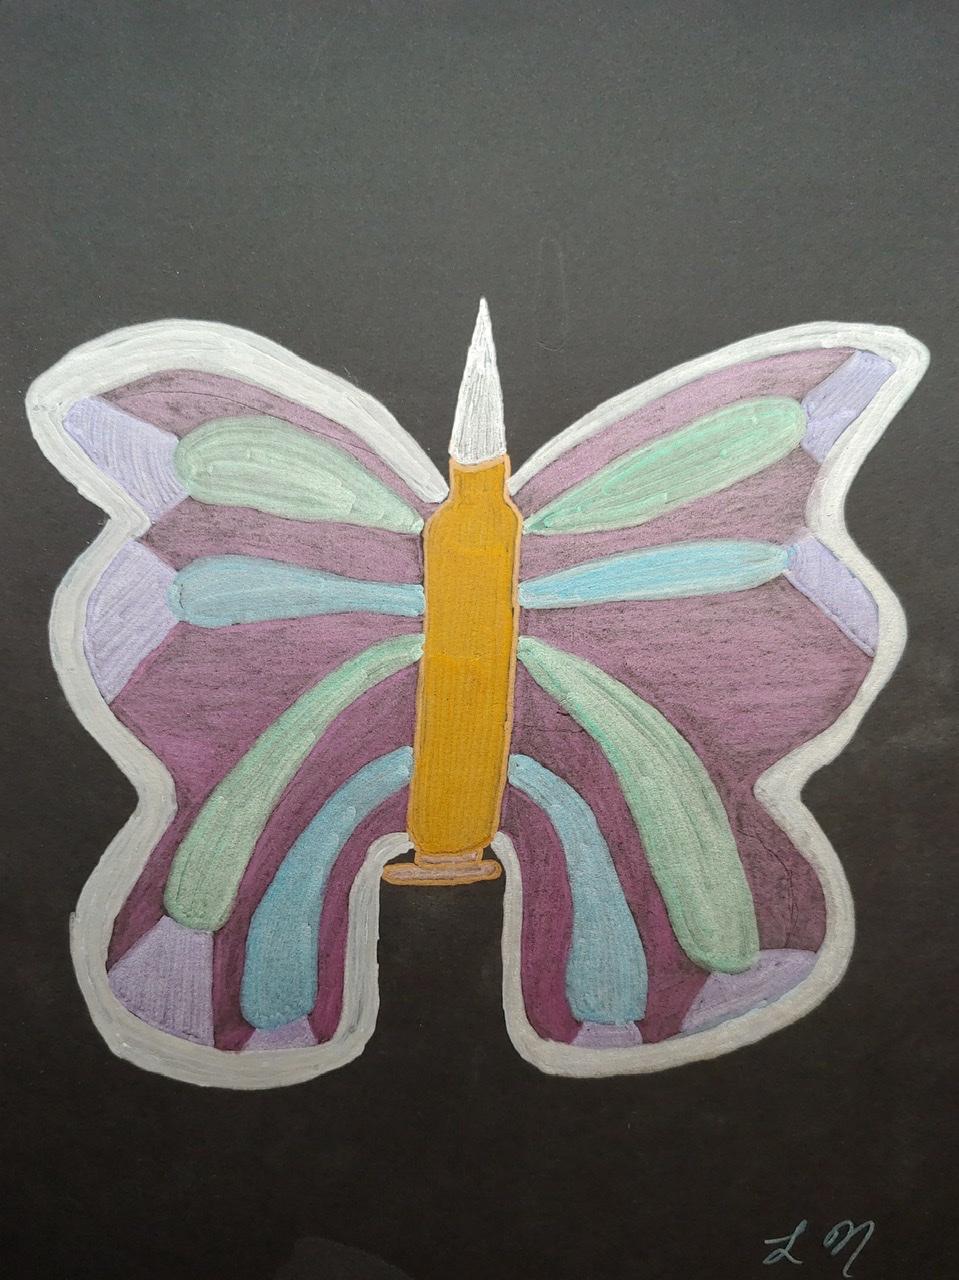 """<span style=""""color: #ff0000;""""><a style=""""color: #ff0000;"""" href=""""mailto:lucnadon7@gmail.com?subject=Défi 15 dessins 15 semaines -   Bullet with butterfly wing""""> Contacter l'artiste</a></span> Luc Nadon -   Bullet with butterfly wing - 35$  (transaction directement avec l'artiste), marqueur et crayon sur papier artagain noir Strathmore 160g, 12x9 po encadré"""